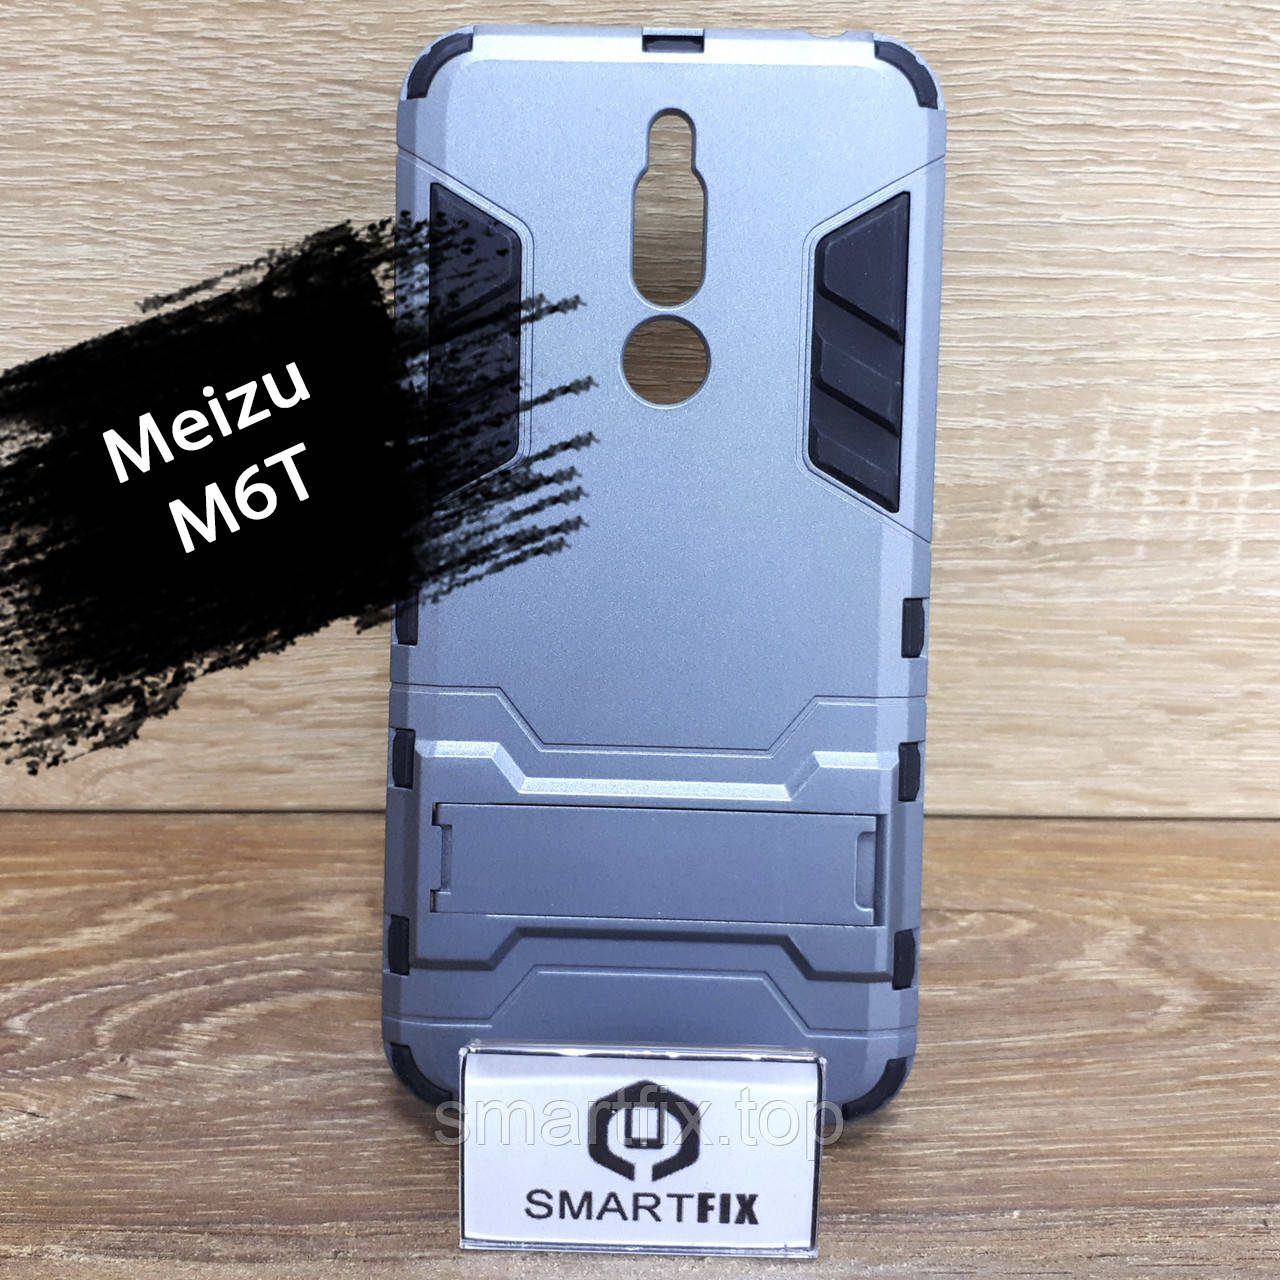 Противоударный чехол для Meizu M6t Honor